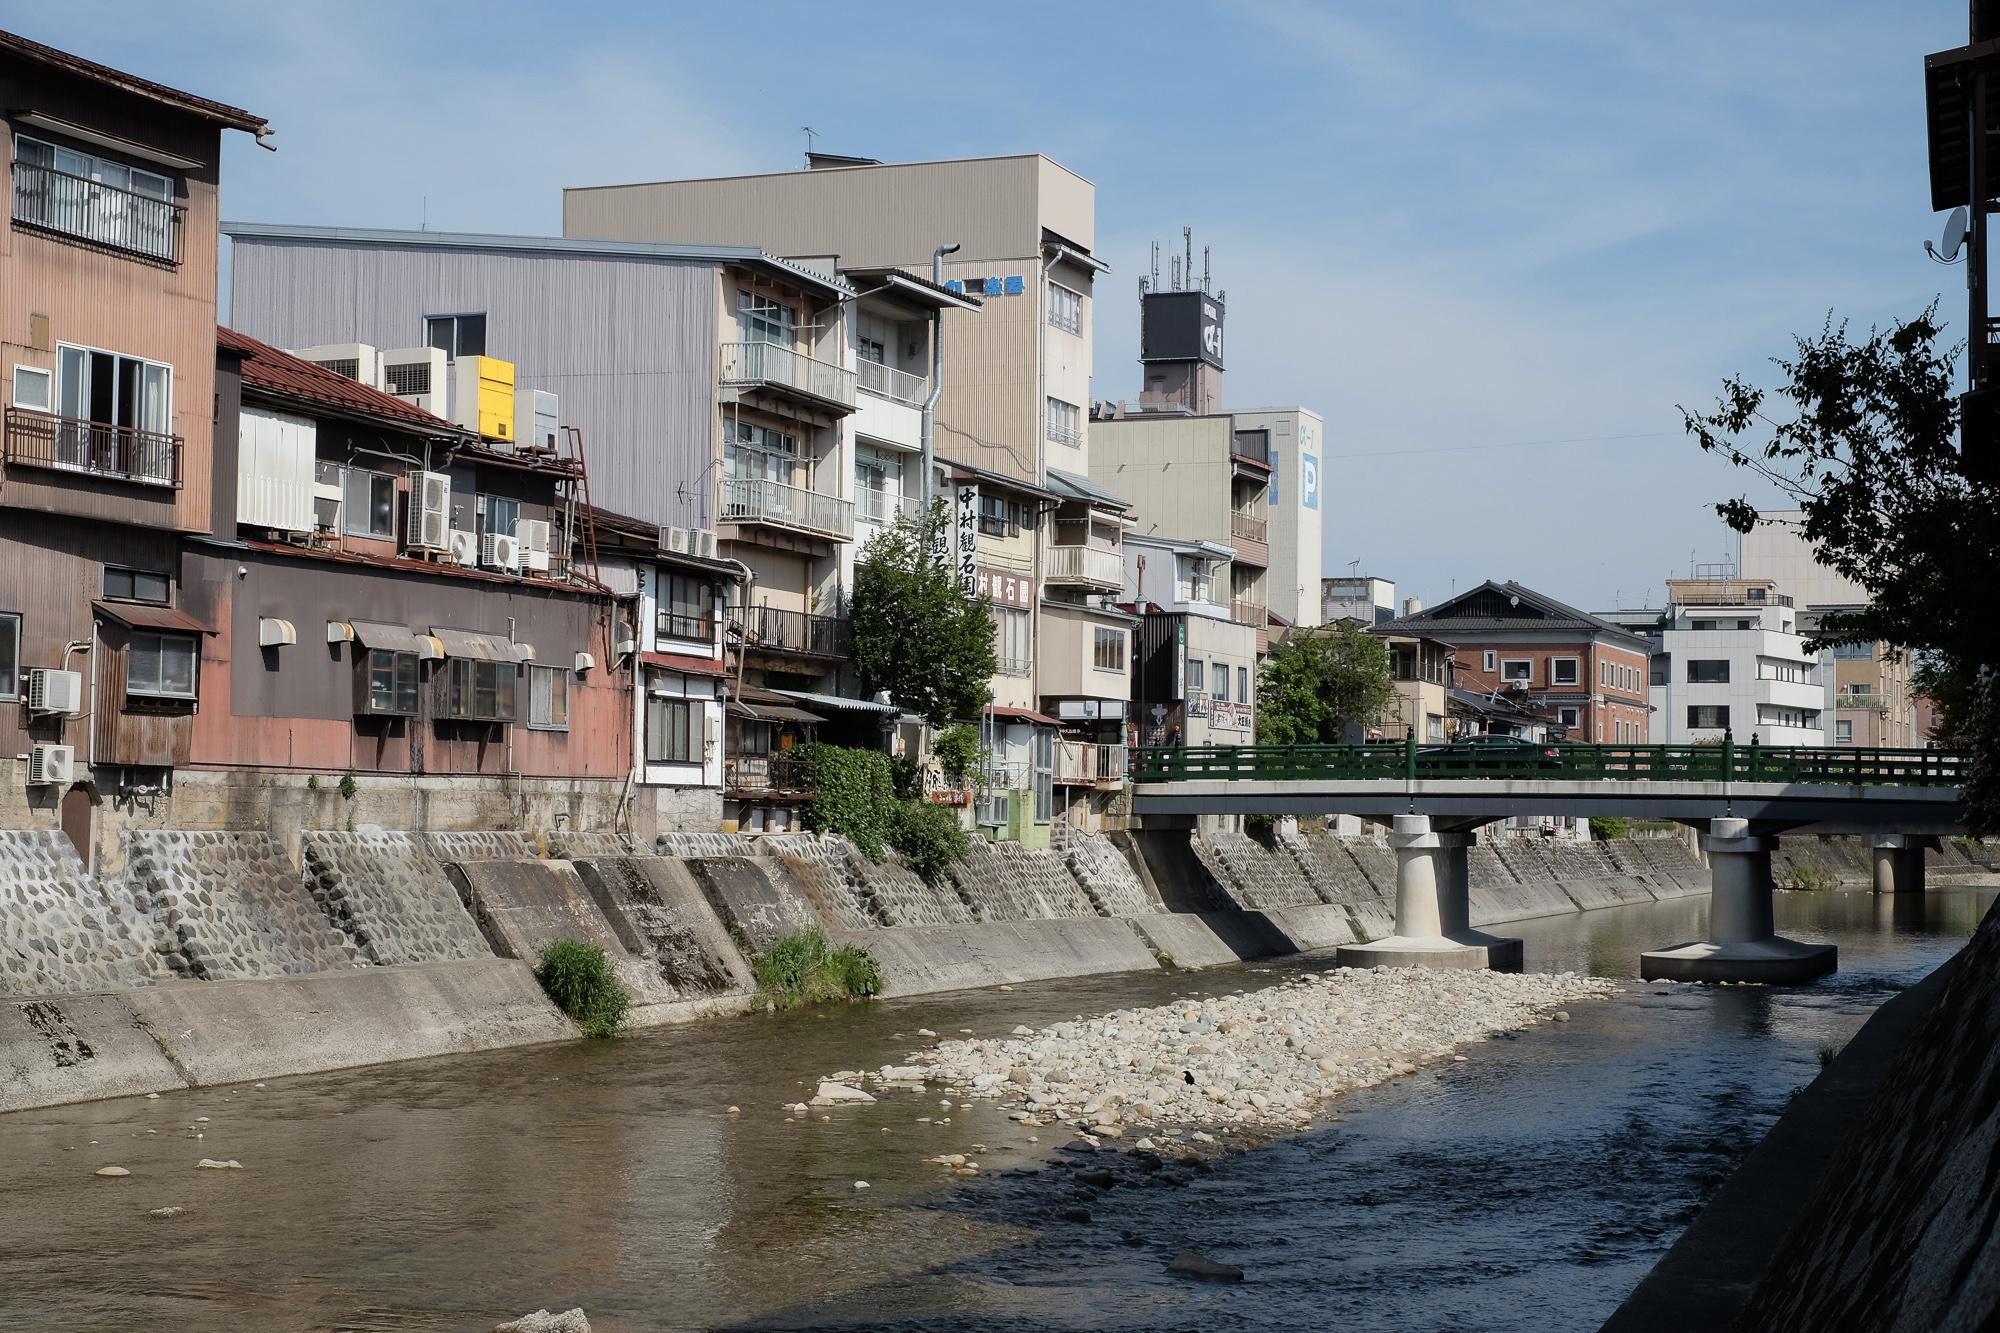 Miya-gawa riviere à takayama